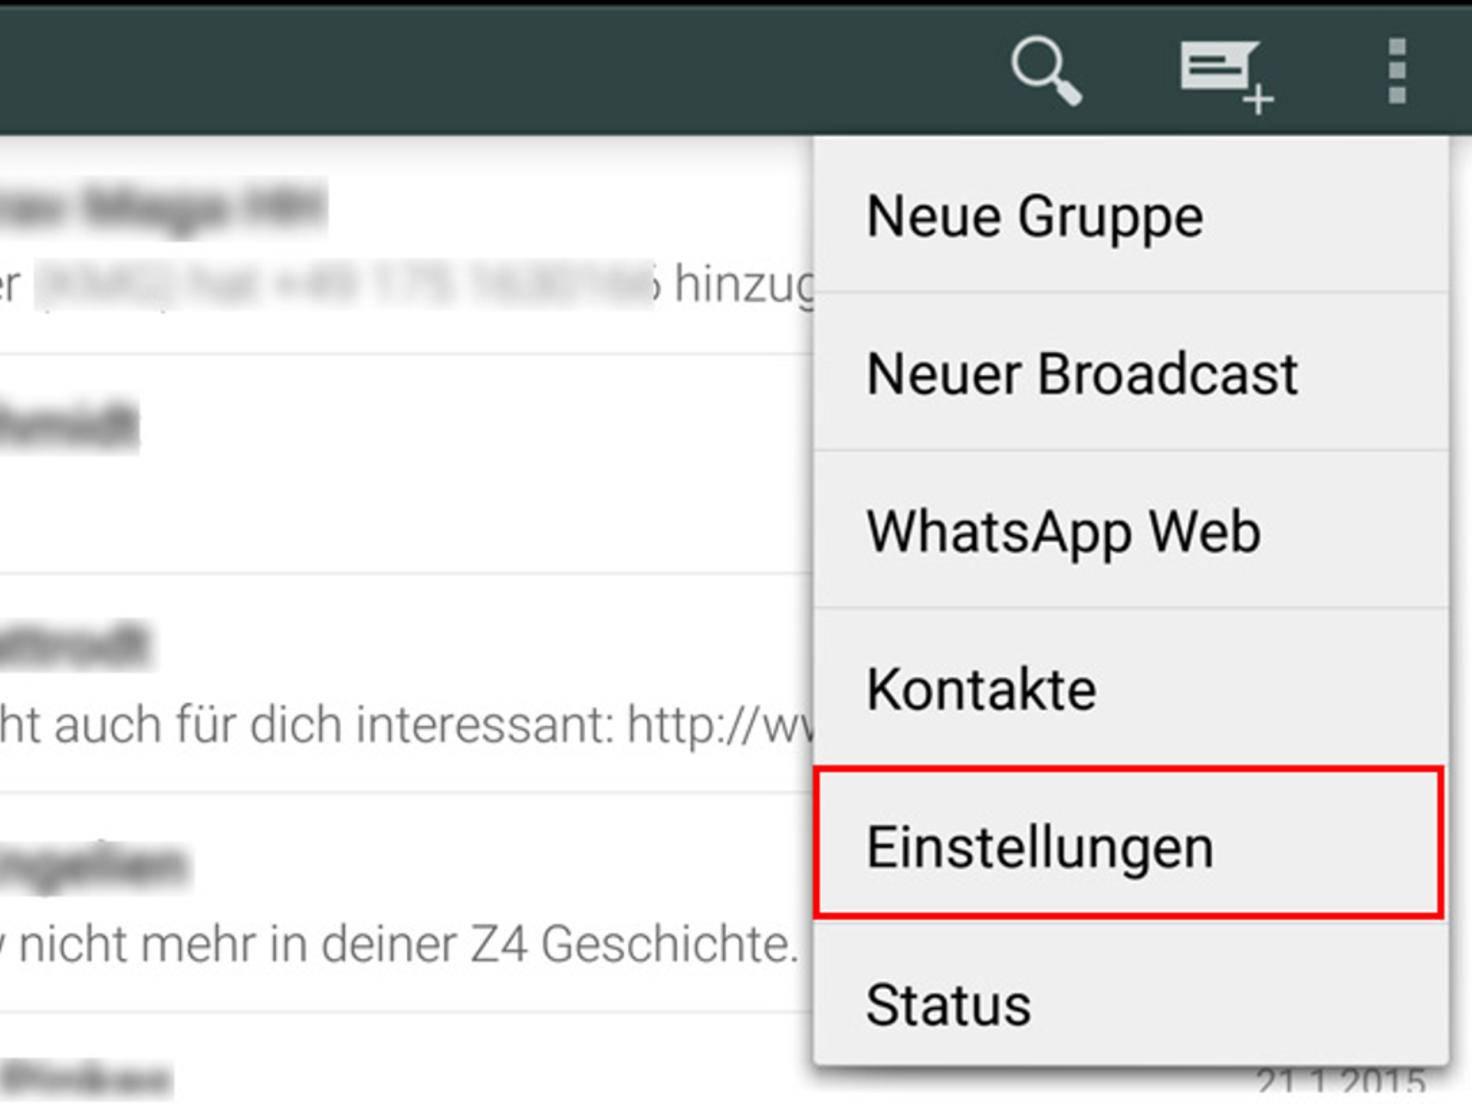 whatsapp blockierte kontakte sehen